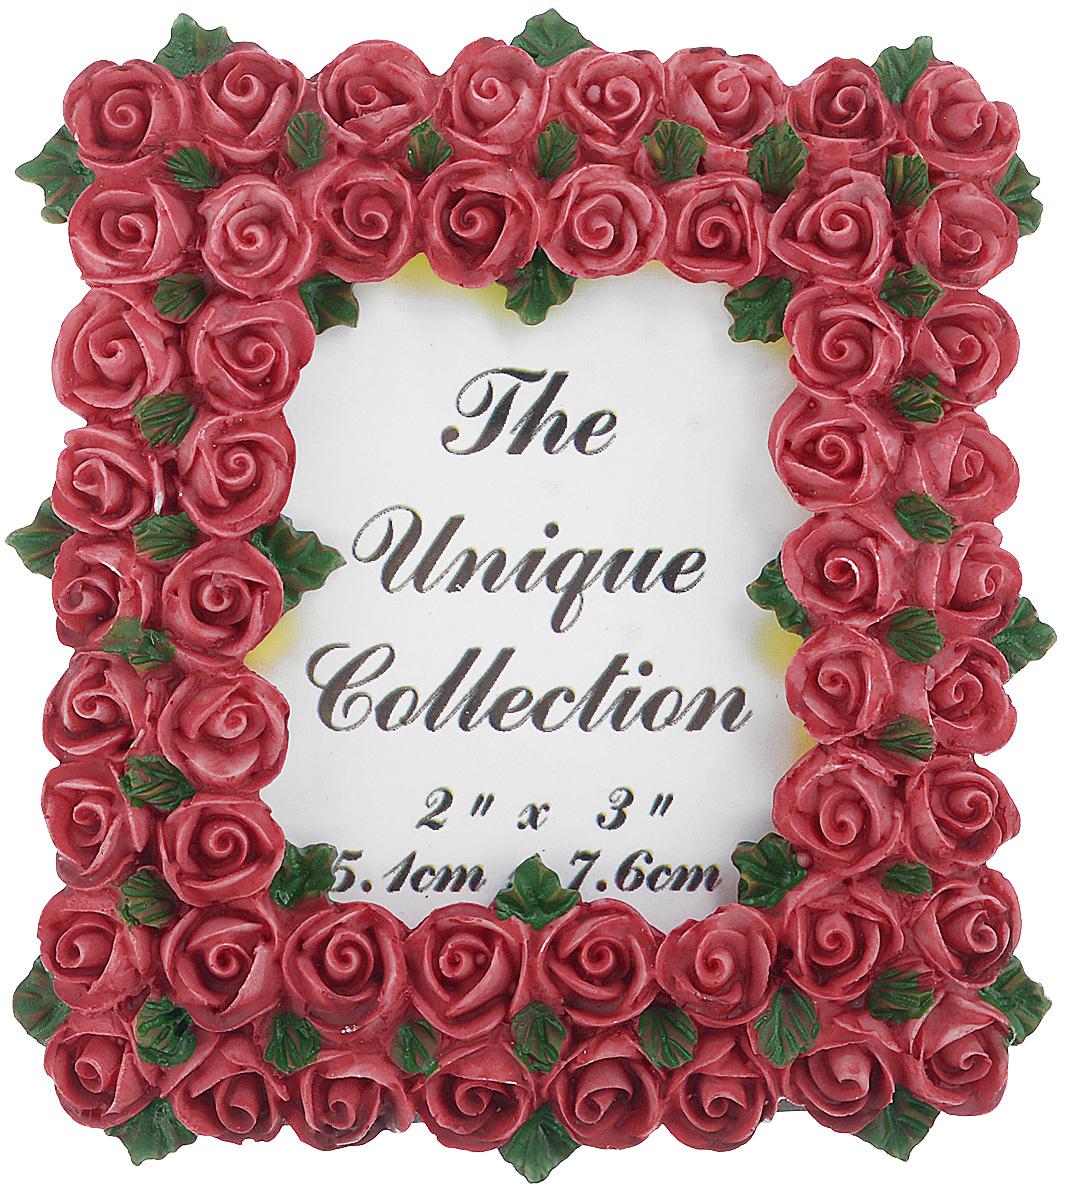 Декоративная фоторамка Home Queen Букет роз, цвет: бордовый, 5,1 см х 7,6 см64058_бордовыйДекоративная фоторамка Home Queen Букет роз поможет вам оригинально дополнить интерьер помещения. Фоторамка декорирована изображением роз. Задняя сторона оснащена ножкой для размещения на столе. Такая рамка позволит сохранить на память изображения дорогих вам людей и интересных событий вашей жизни, а также станет приятным подарком для каждого. Размер фотографии: 5,1 см х 7,6 см. Размер фоторамки: 8 см х 8,5 см.